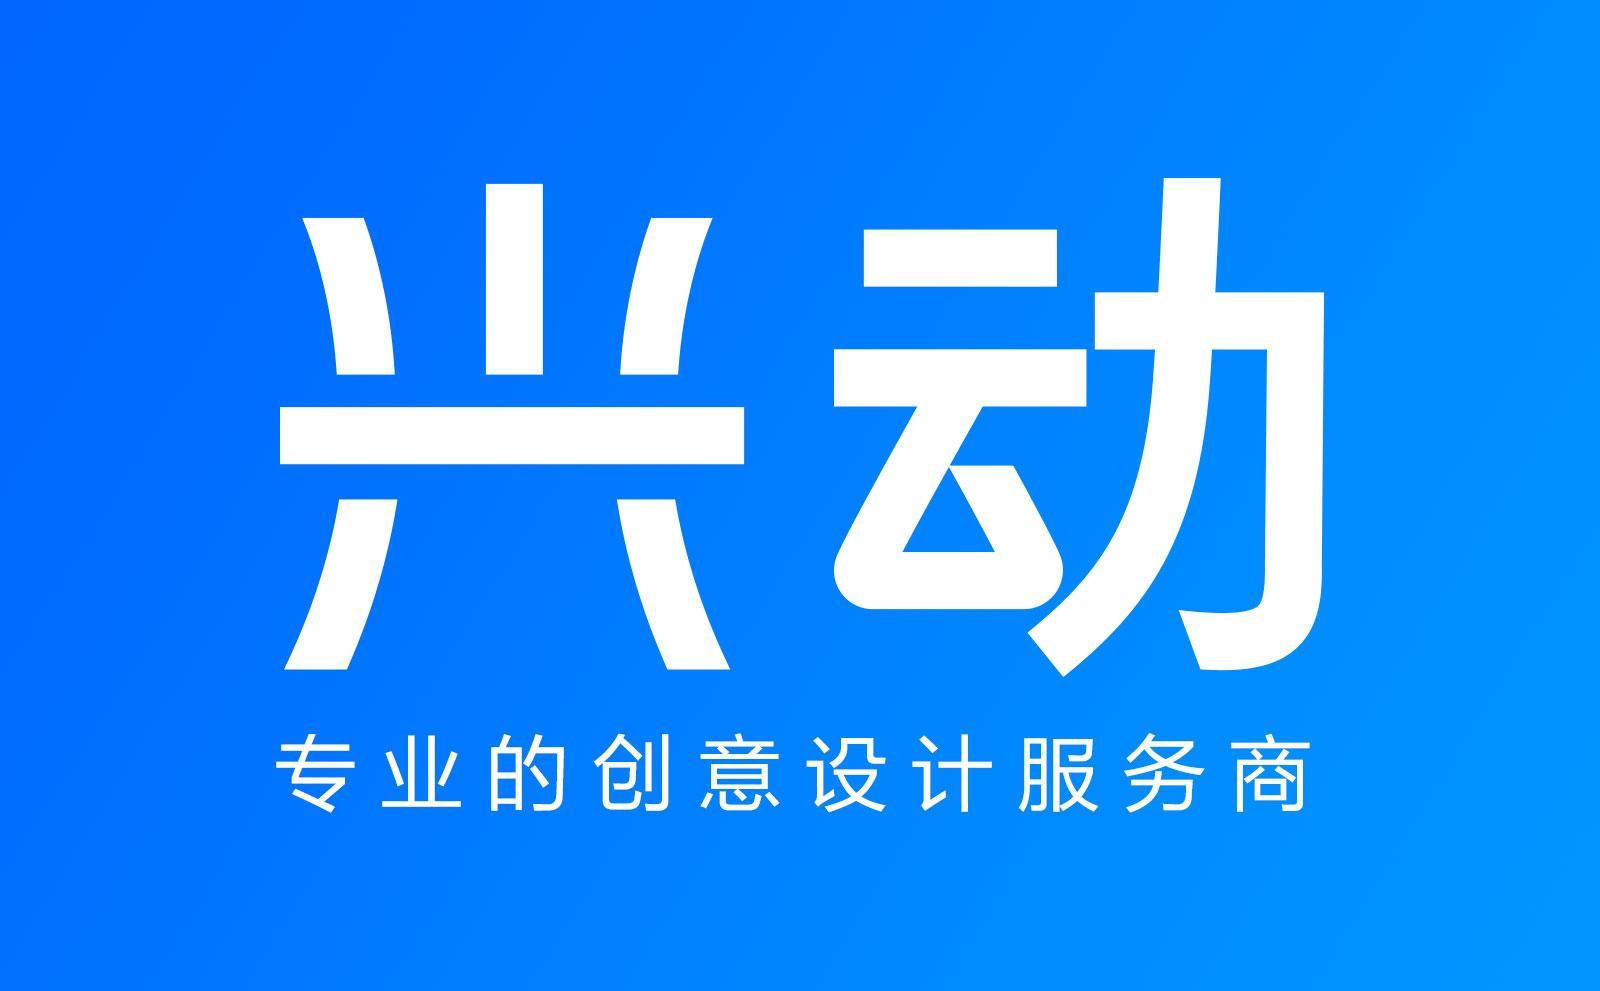 安丘广告设计公司